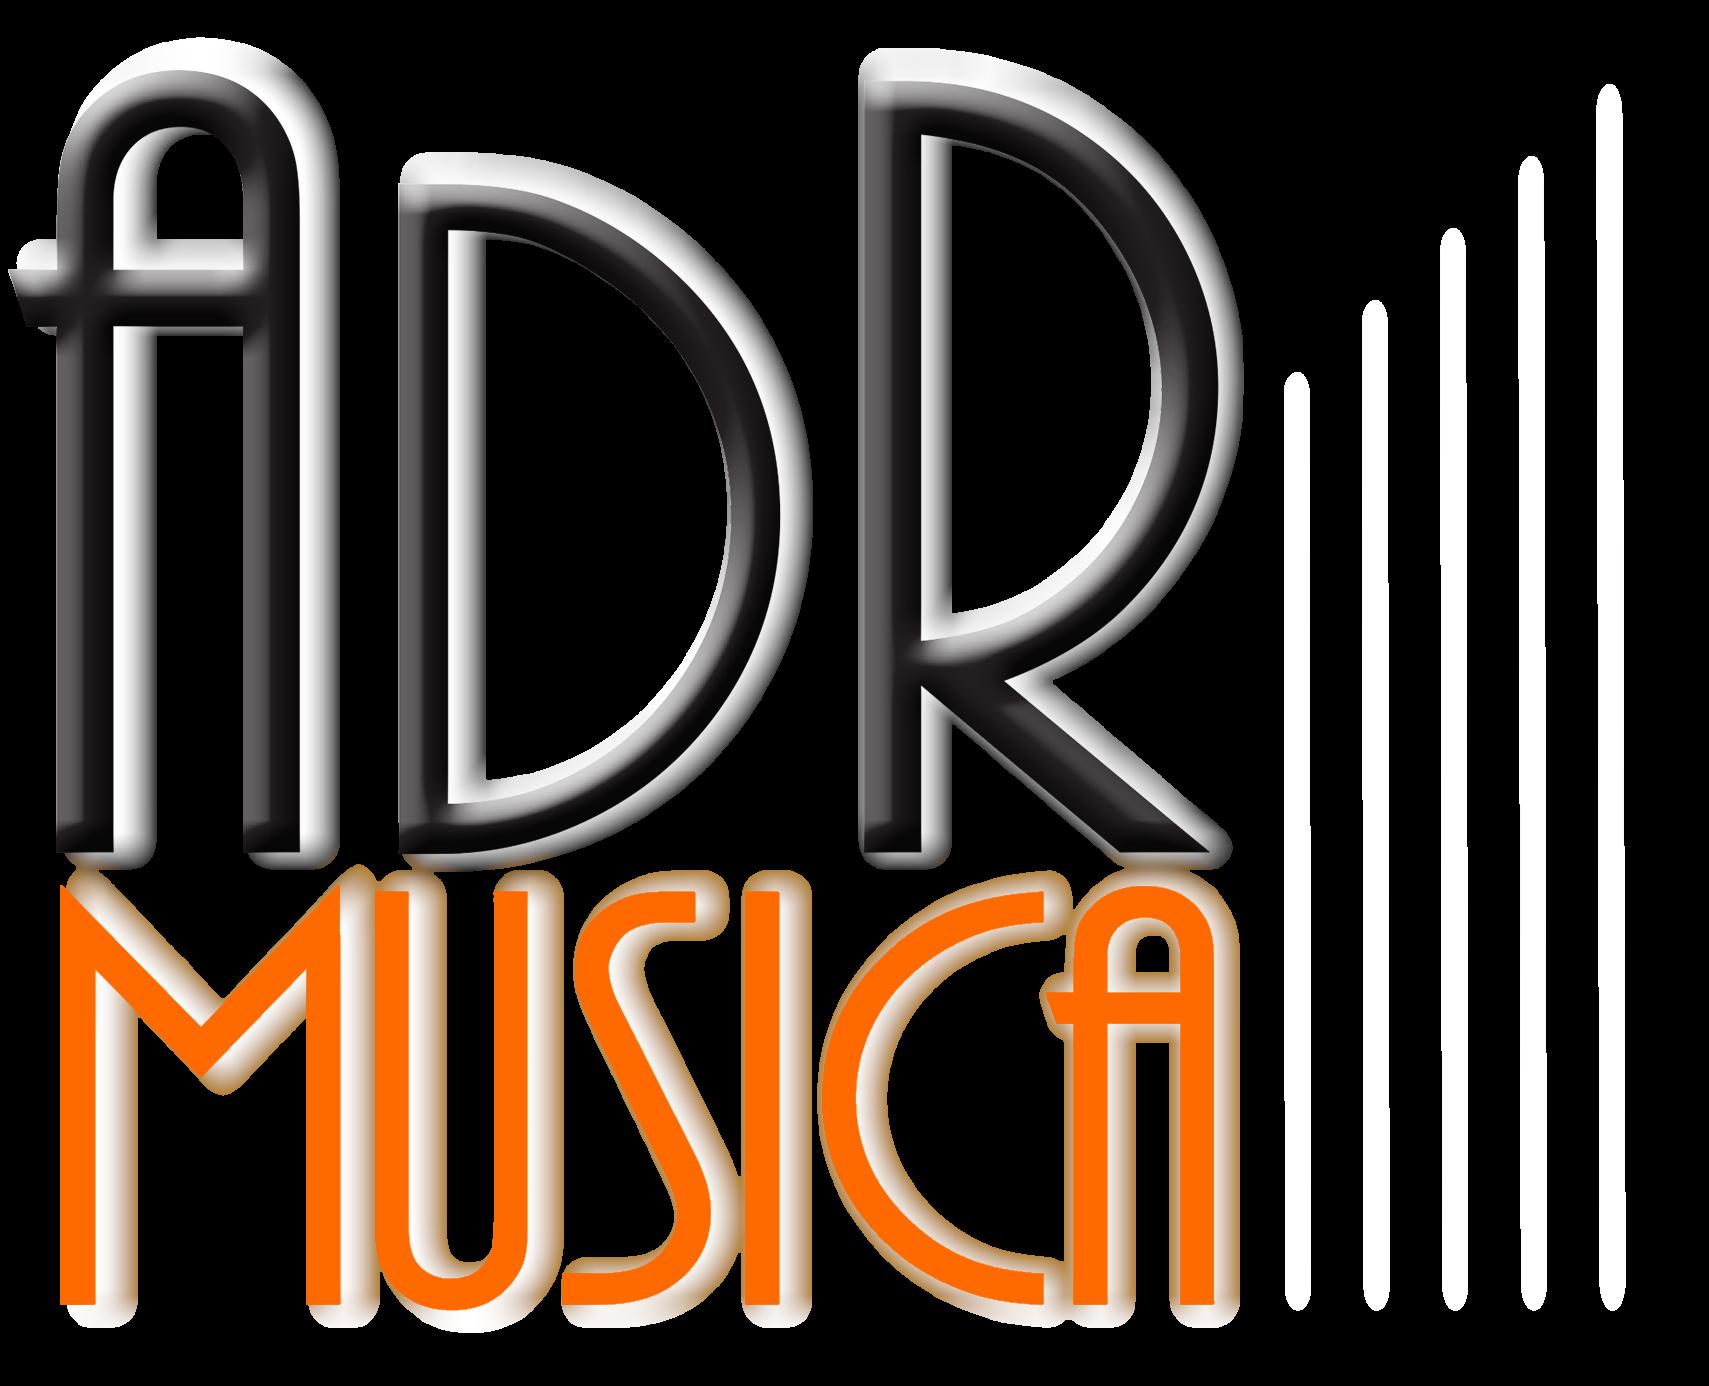 ADRmusica